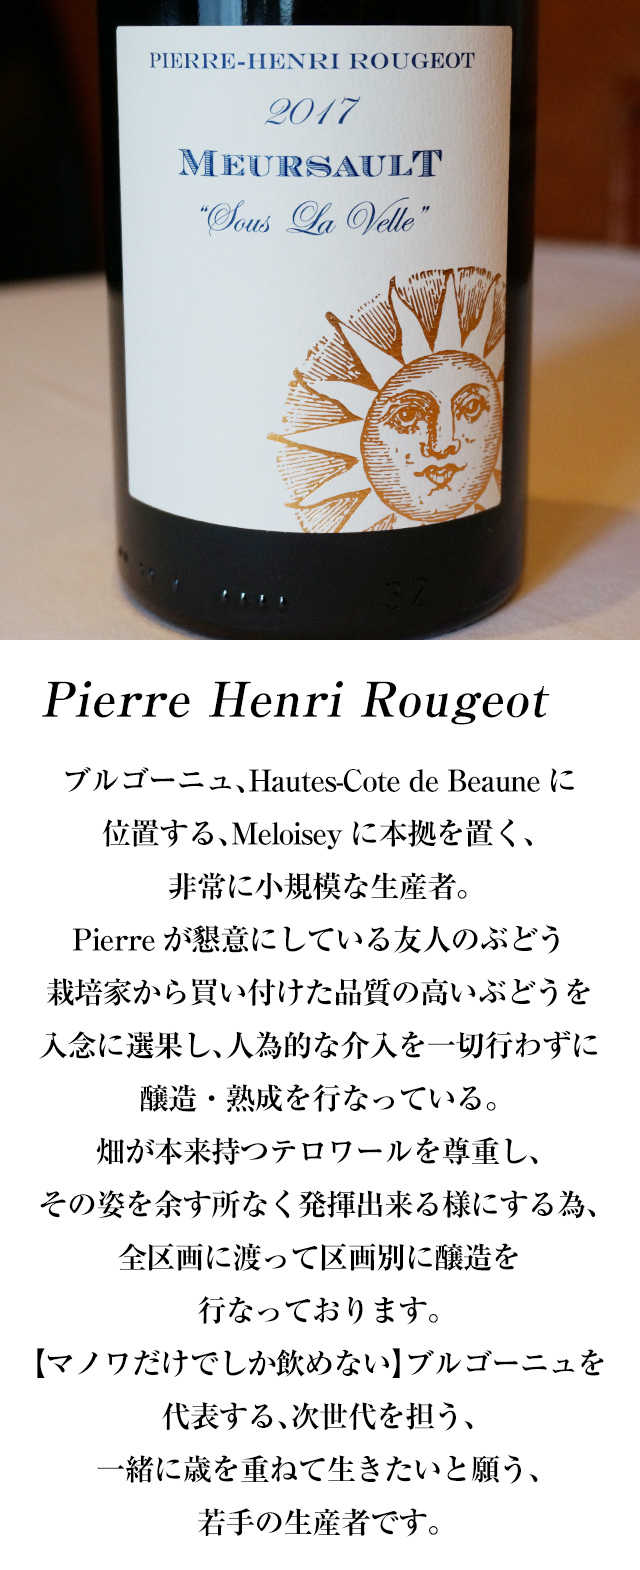 Domaine Jean Fournier ドメーヌ ジャン フルニエは、マルサネの中で、最も古いドメーヌの一つであり、その歴史は、ルイ13世の時代である、17世紀まで遡る事が出来ます。2003年に父ジャン氏より、ドメーヌ運営を引き継いだ、ローラン フルニエ氏は、ブルゴーニュ古来の自然な栽培・醸造方法にこだわり、ビオディナミによるワイン造り、自然への尊敬の念と共存している生産者です。多彩なテロワールと収穫年の特徴を忠実に表現する事を主眼としており、そのワインは、香味高く、力強く、ピュアな味わいを持ち、世界中にファンの多い、次世代を担う若きヴィニュロンです。